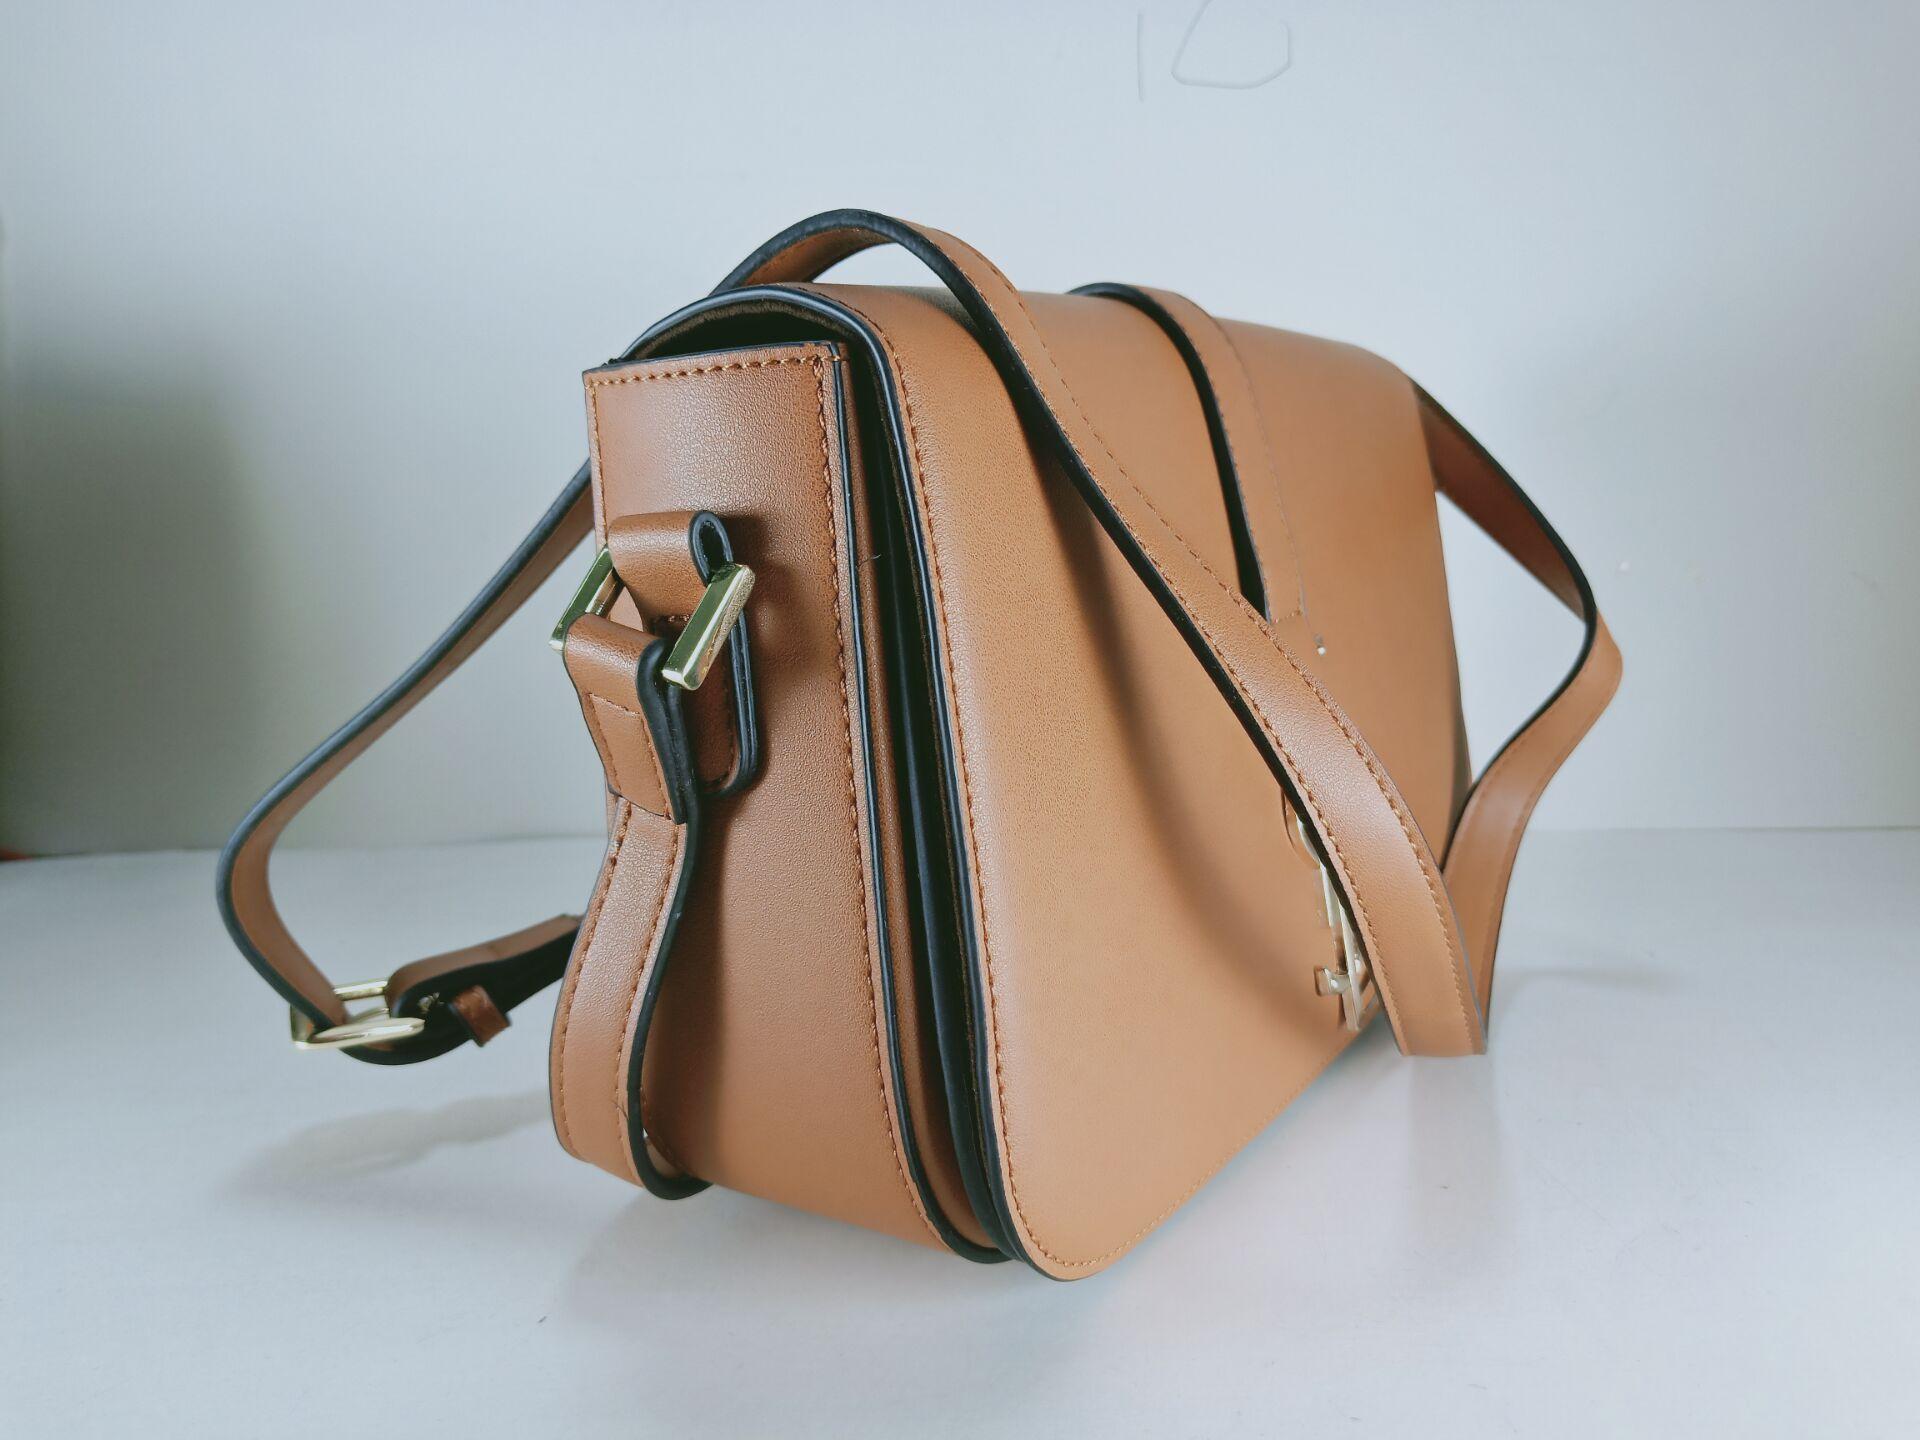 2021 Bolsos de regalos nuevos bolsos de cuero bolsos de lujo bolsas mujeres bolsas de mensajero bolsas de verano bolsas de mujer para bolsos de bolsos envío gratis